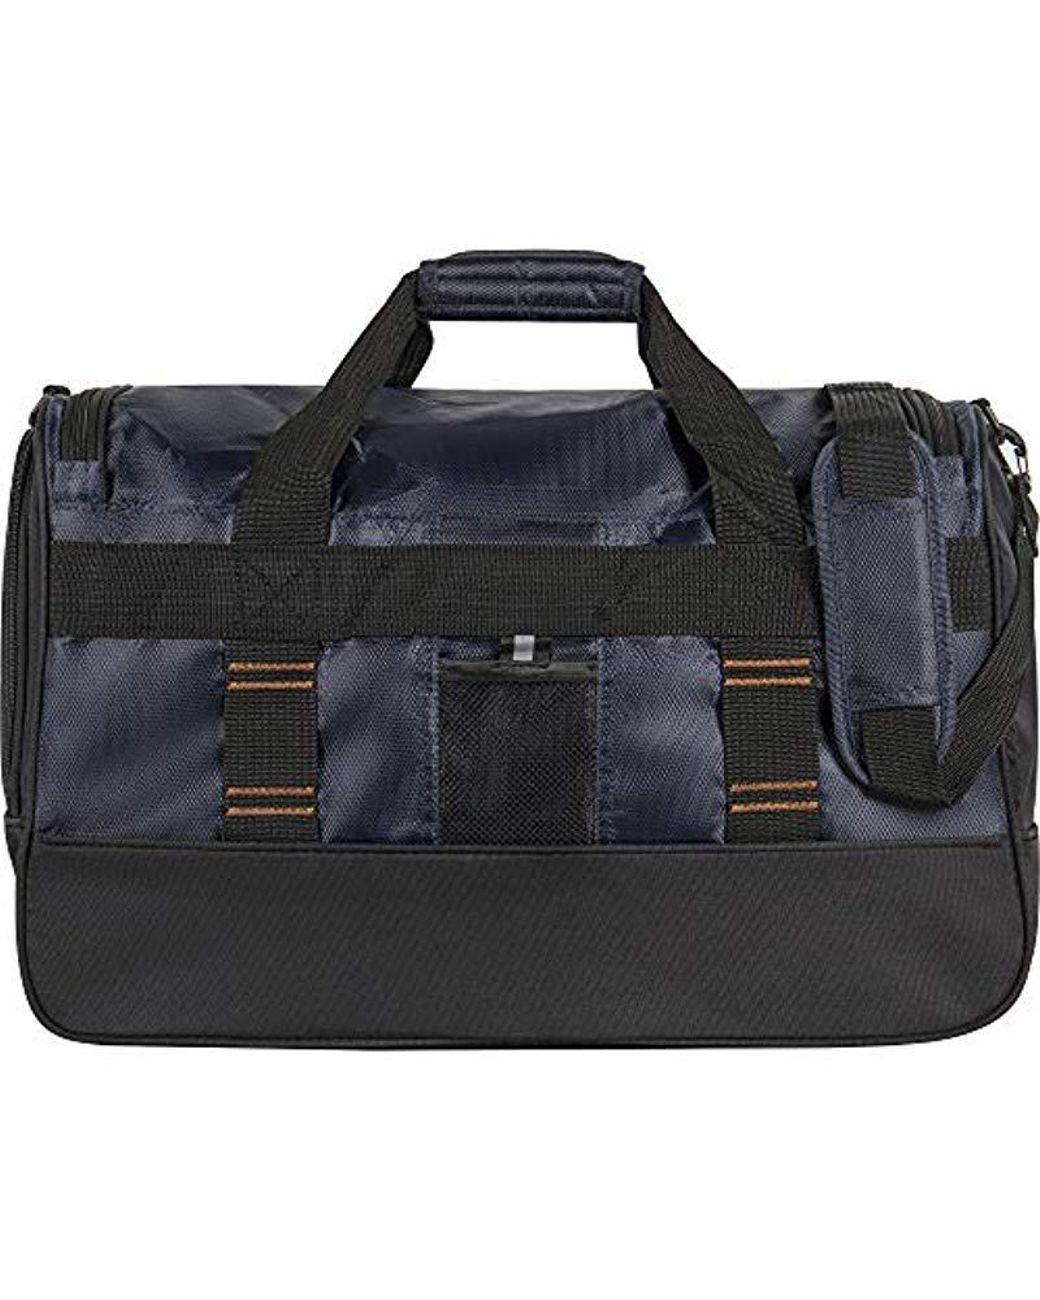 22 Lightweight Travel Duffle Bag